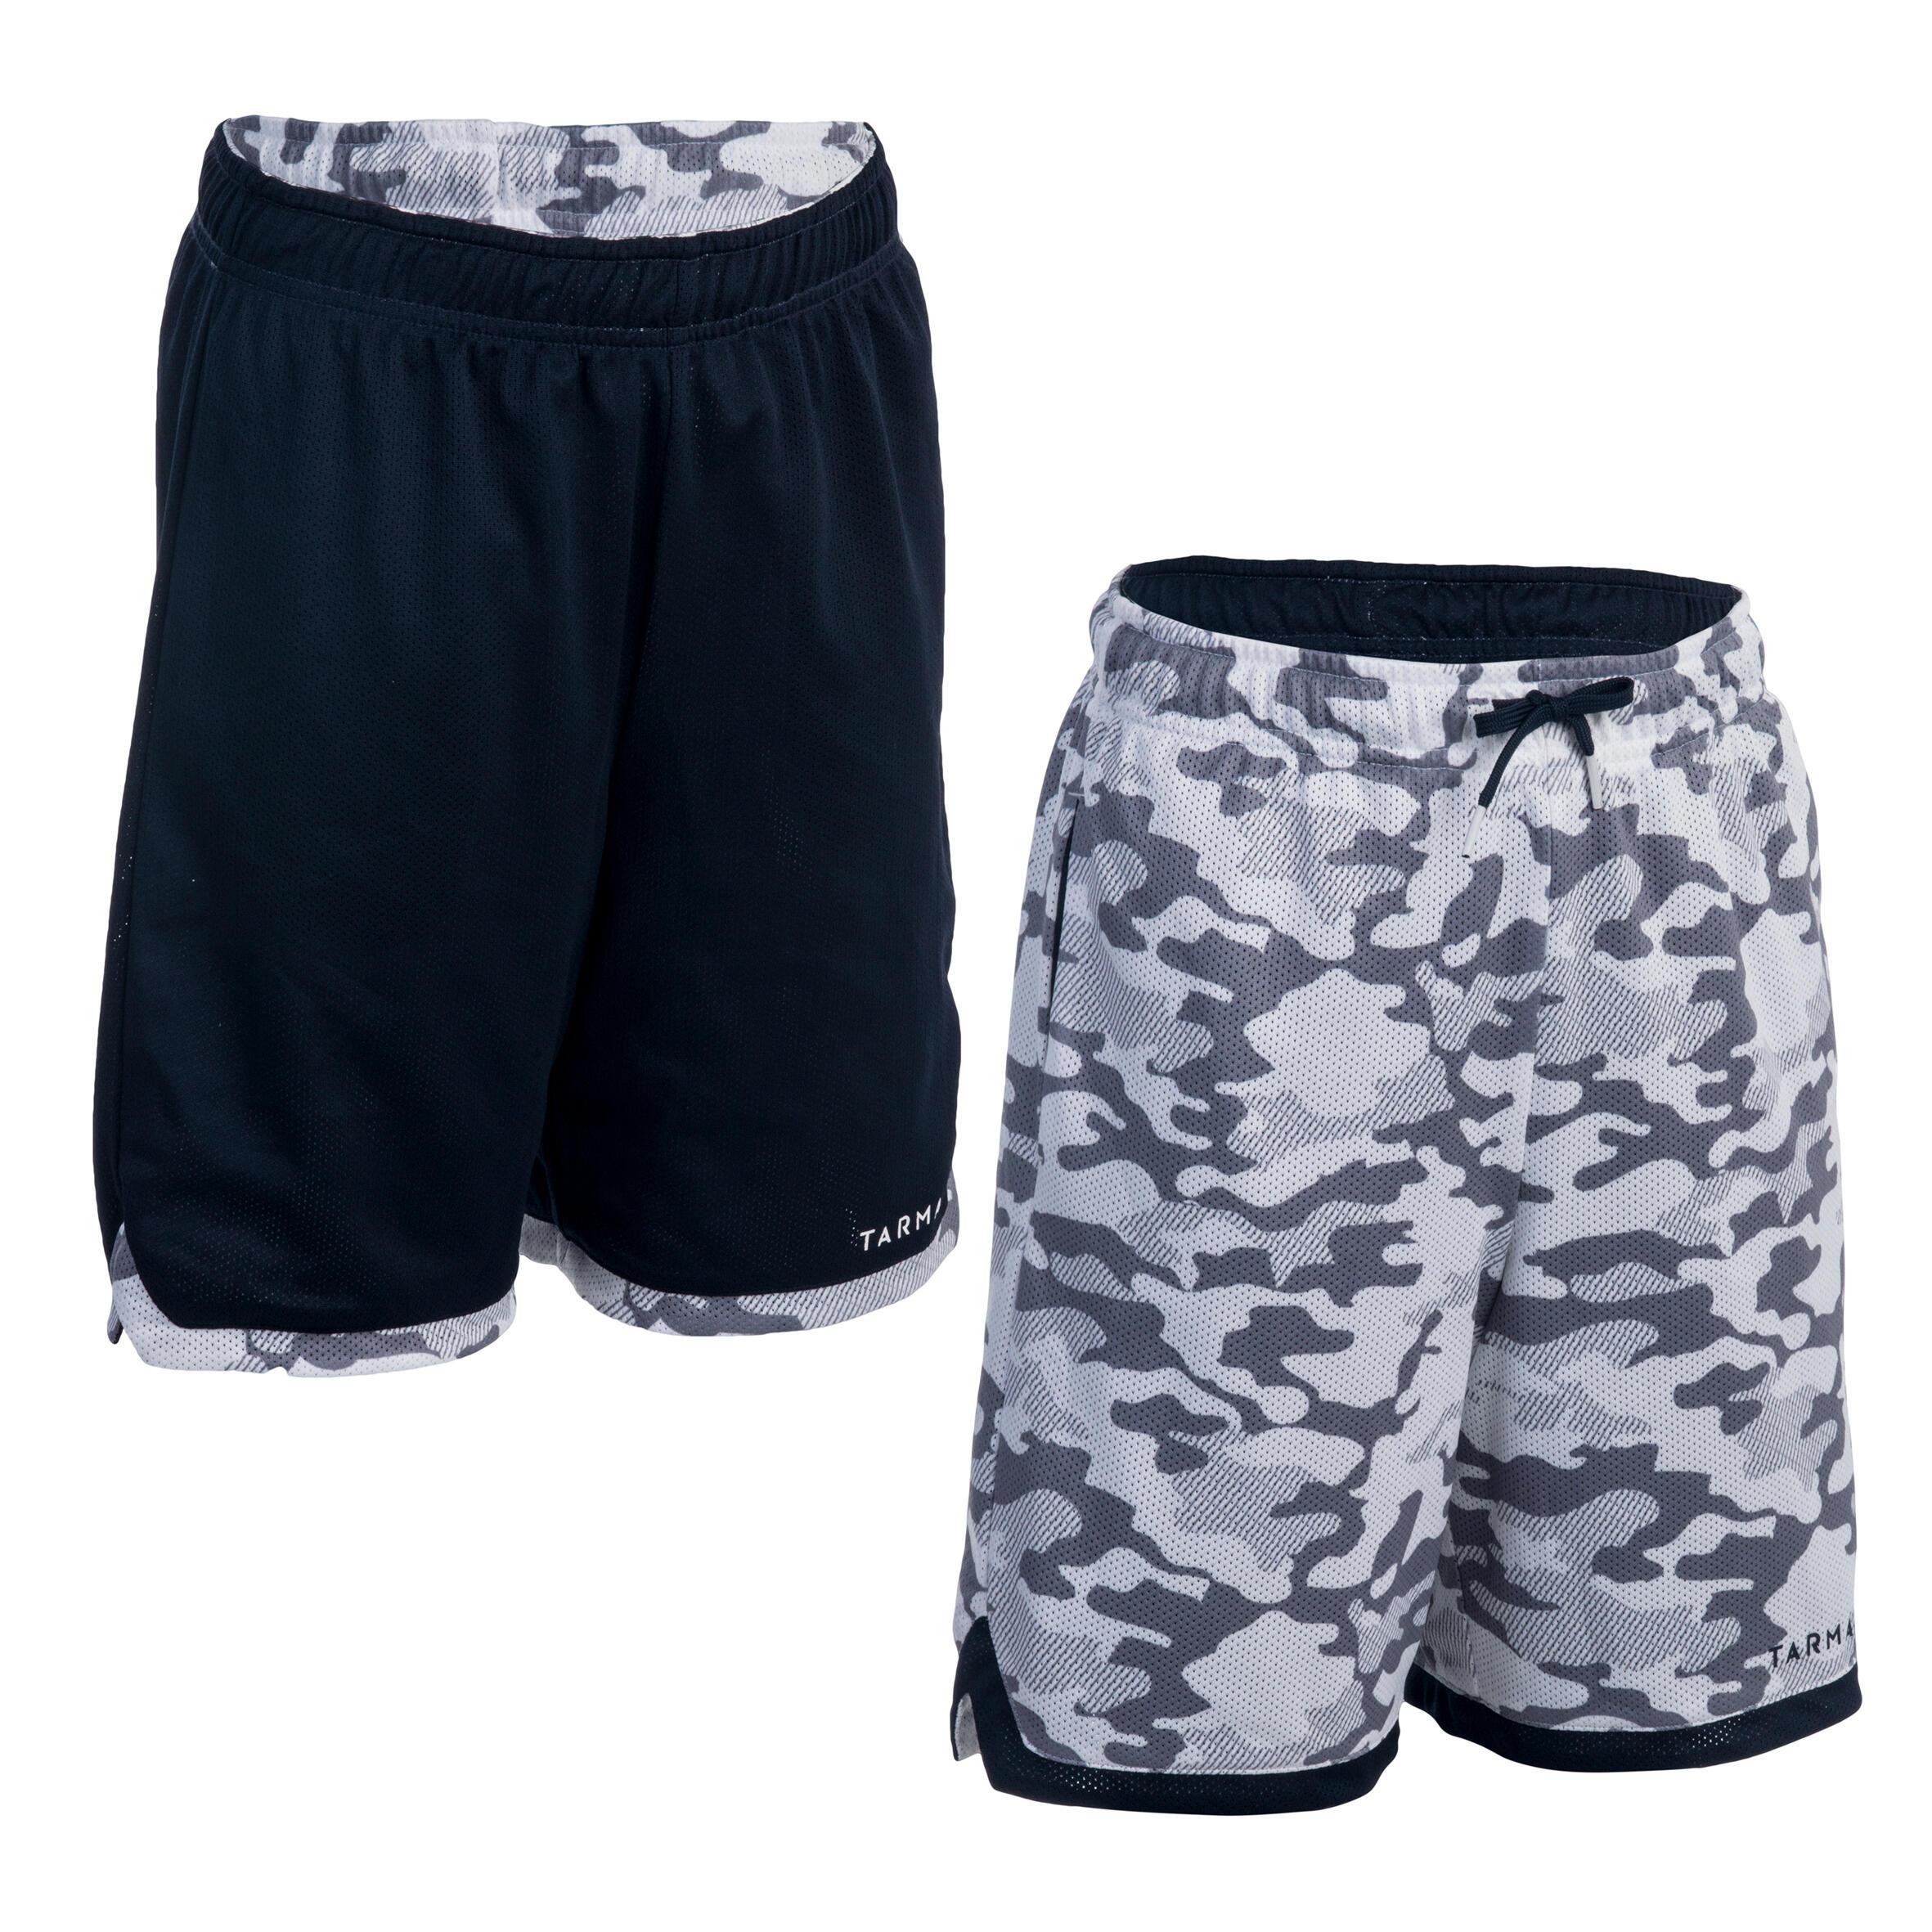 Basketballshorts Wendeshorts Jungen/Mädchen camouflage/weiß/dunkelblau   Sportbekleidung > Sporthosen > Basketballshorts   Tarmak